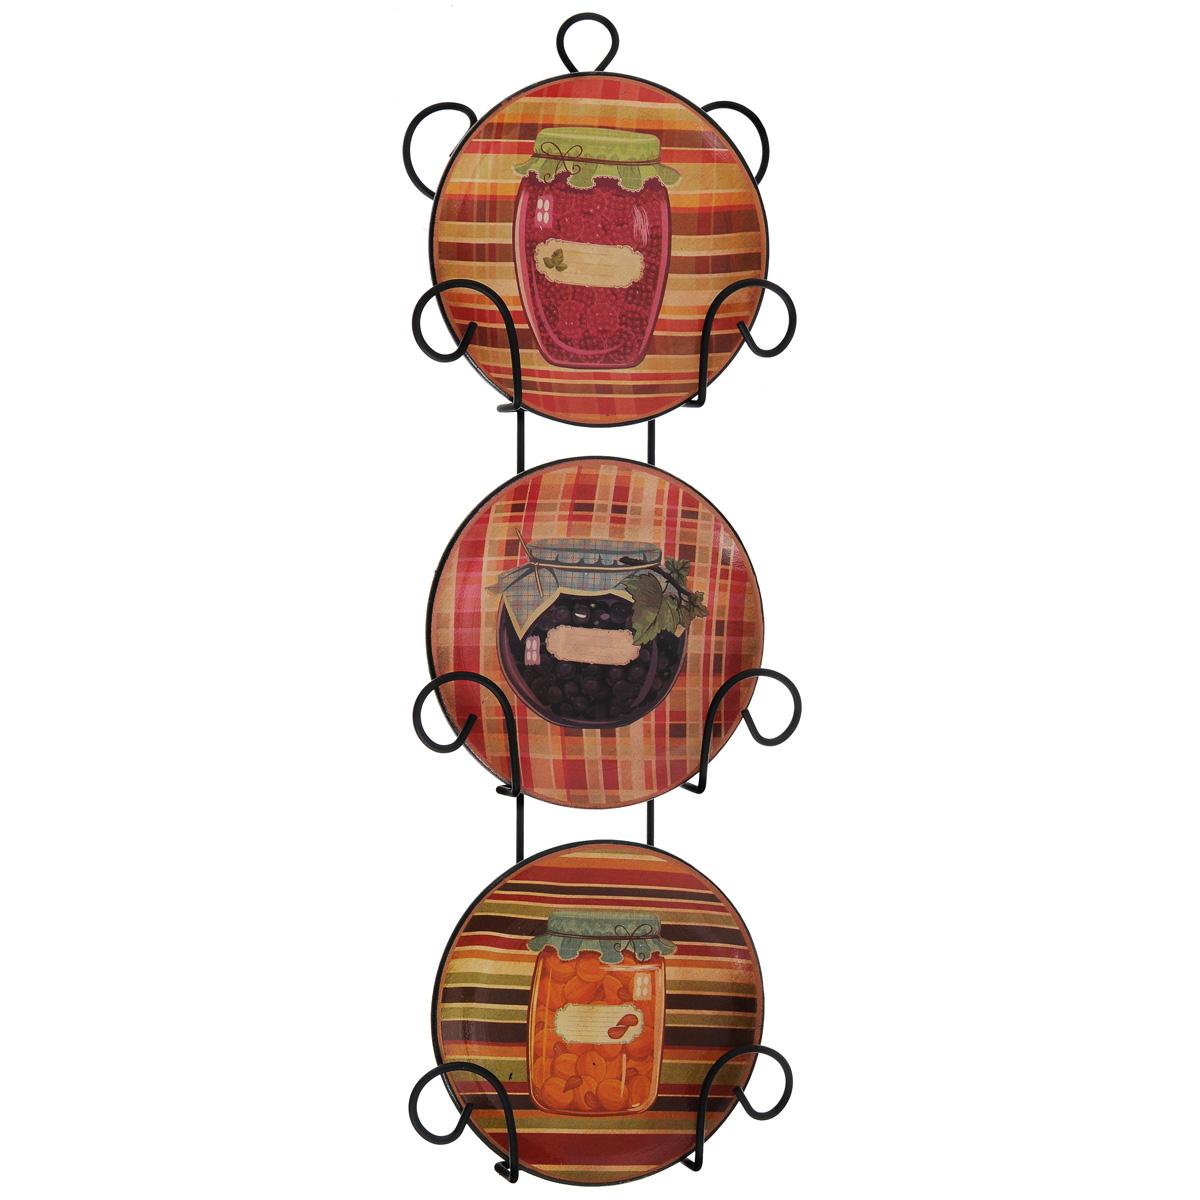 Набор декоративных тарелок Разносолы, диаметр 10 см, 3 штFS-80423Набор из трех декоративных тарелок с ярким рисунком украсят практически любое ваше помещение, будь то кухня, столовая, гостиная, холл и будут являться необычным дизайнерским решением. Тарелки выполнены из доломитовой керамики, подставка в виде вертикальной этажерки,благодаря которой сувенир удобно и быстро крепится к стене, - из черного металла. Каждая тарелочка, декорированная изображениями баночек с разносолами, помещается в отдельную нишу. Очаровательный набор декоративных тарелок - замечательный подарок друзьям и близким людям. Размер тарелки (без подставки): 10 см х 10 см х 1,5 см. Размер сувенира с подставкой: 2,5 см х 11,5 см х 33 см.